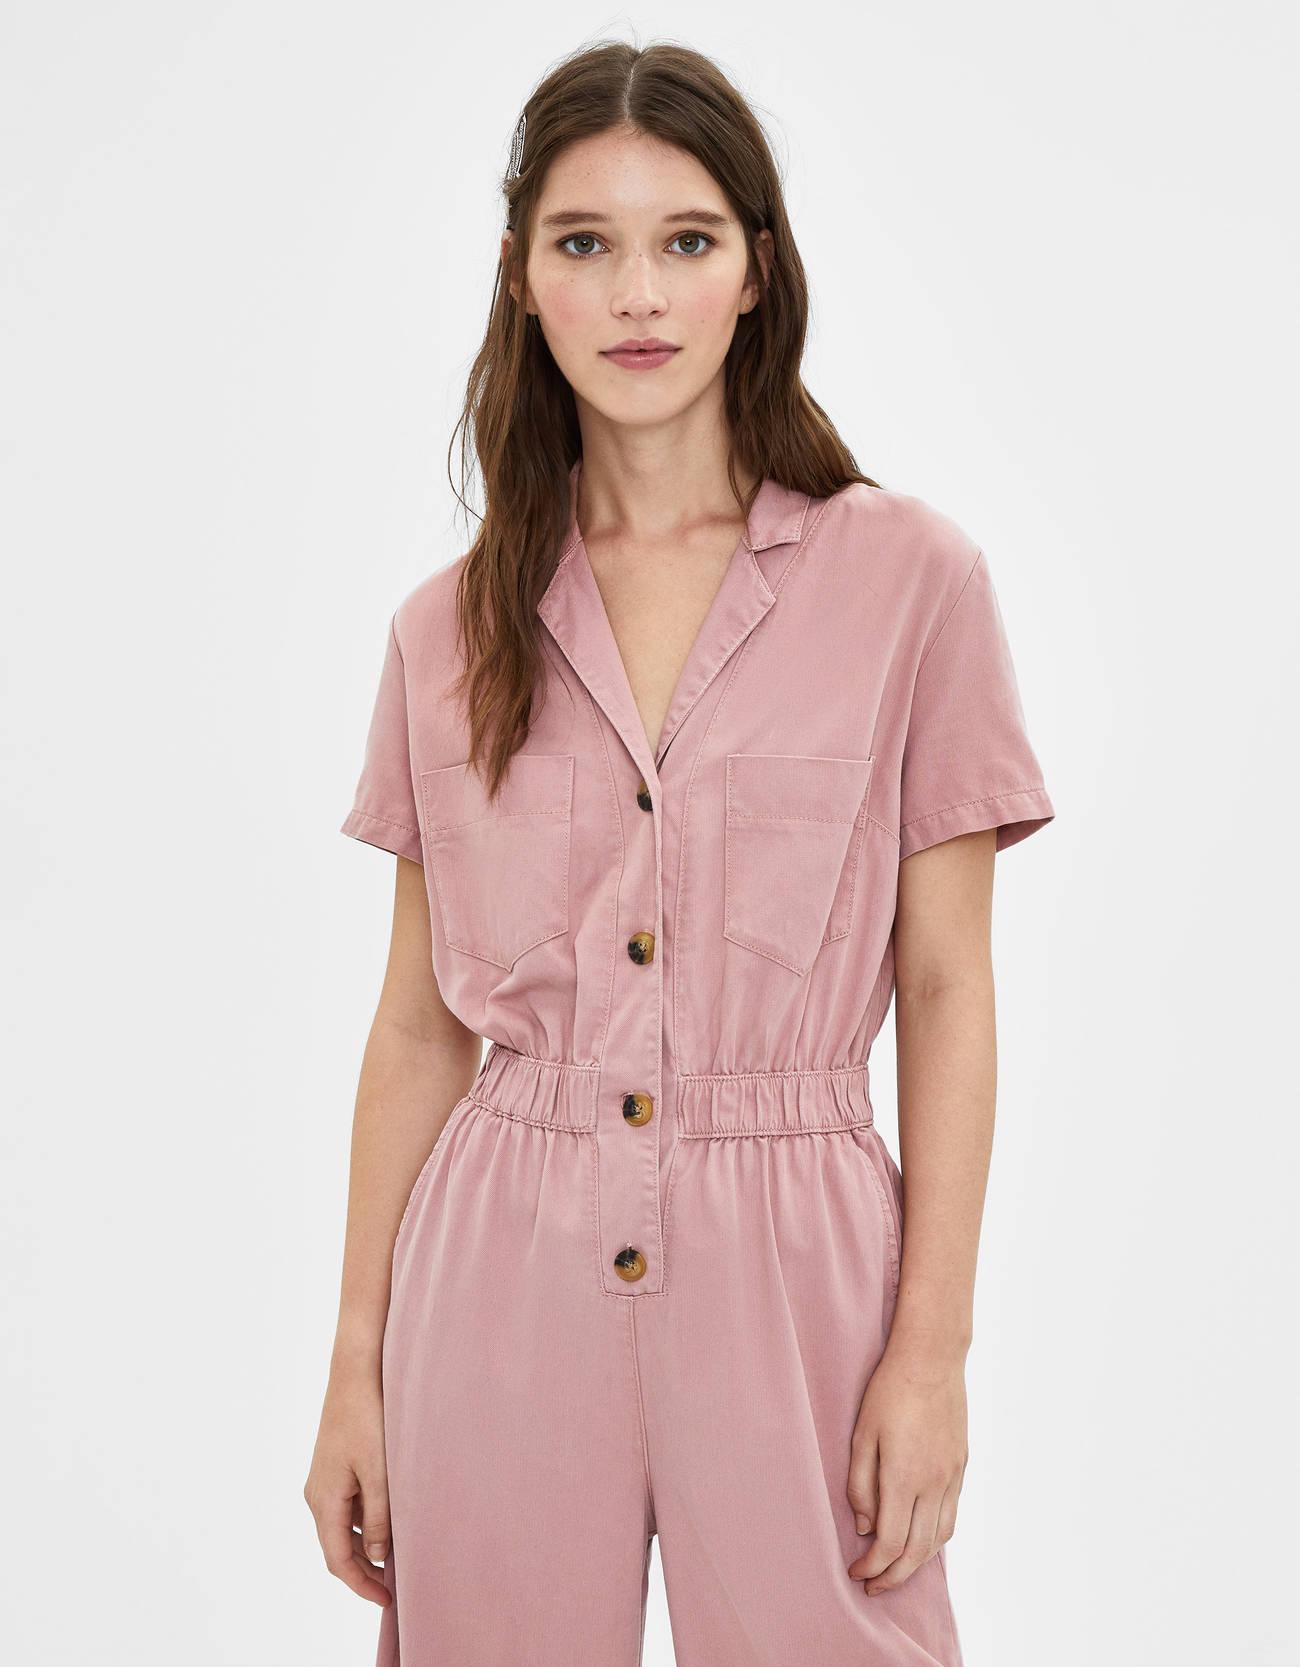 Длинный комбинезон из ткани ТЕНСЕЛ® Розовый Bershka